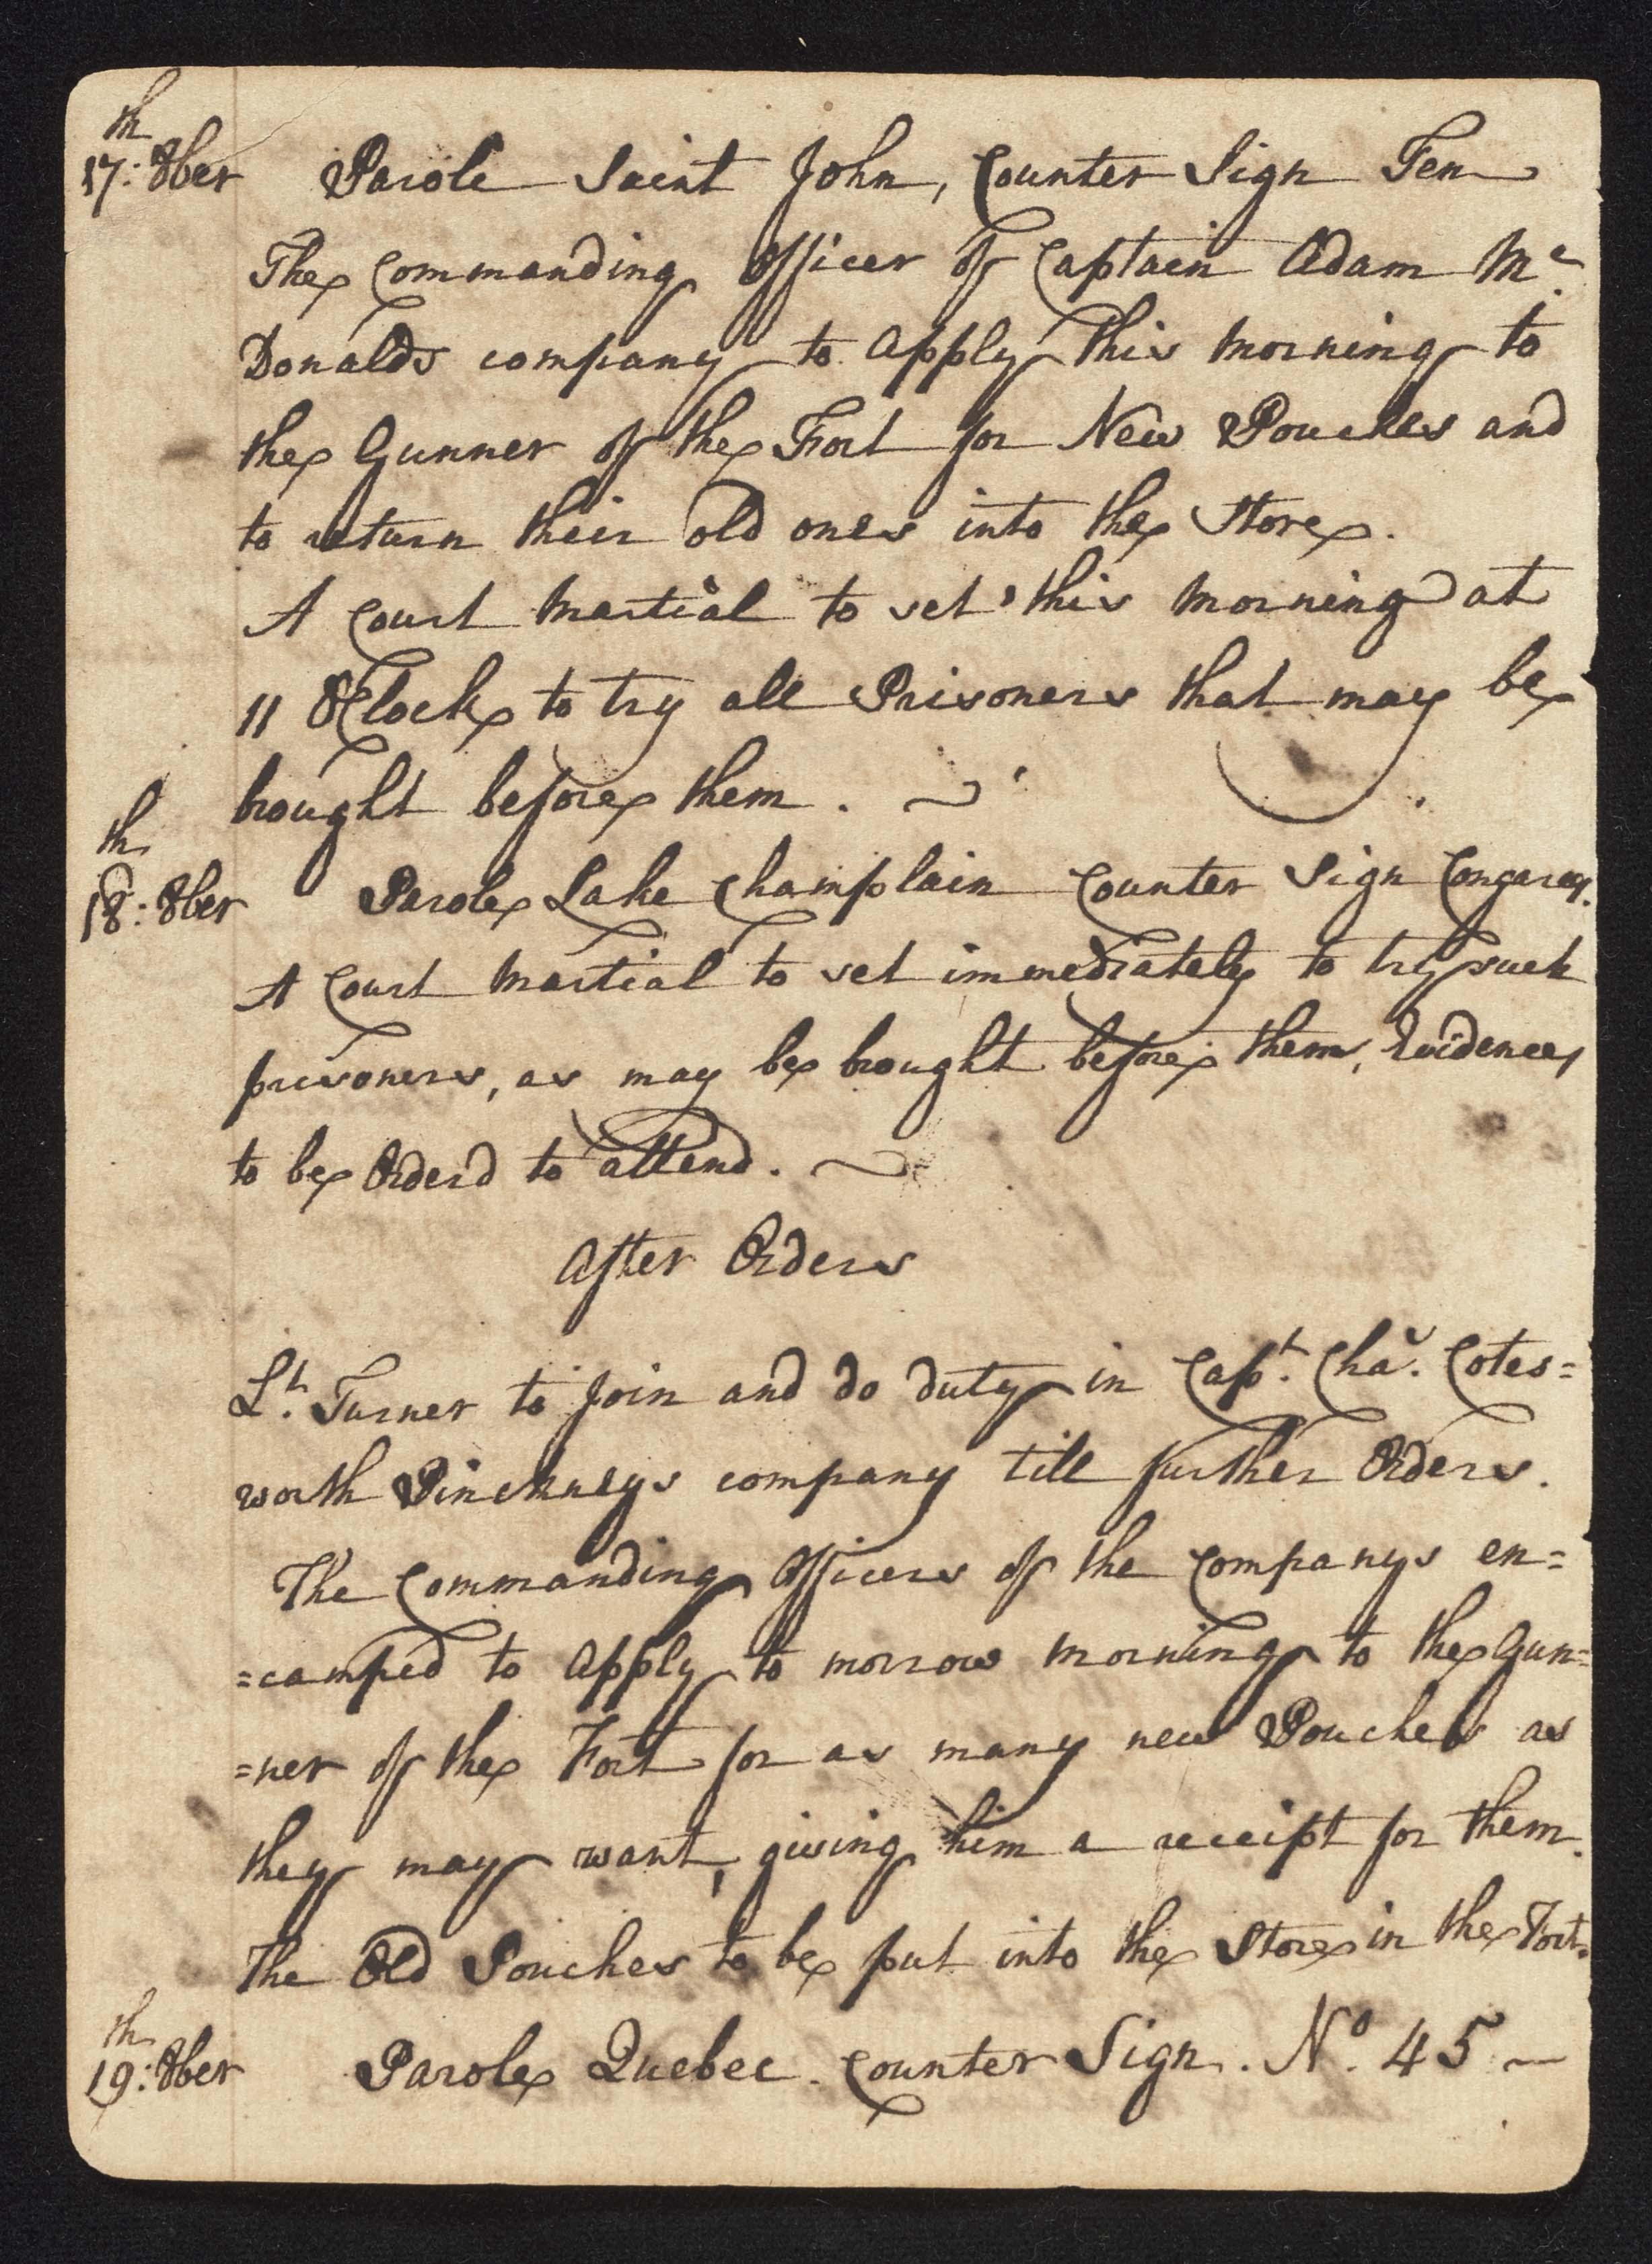 South Carolina Regiment Order Book, Page 32